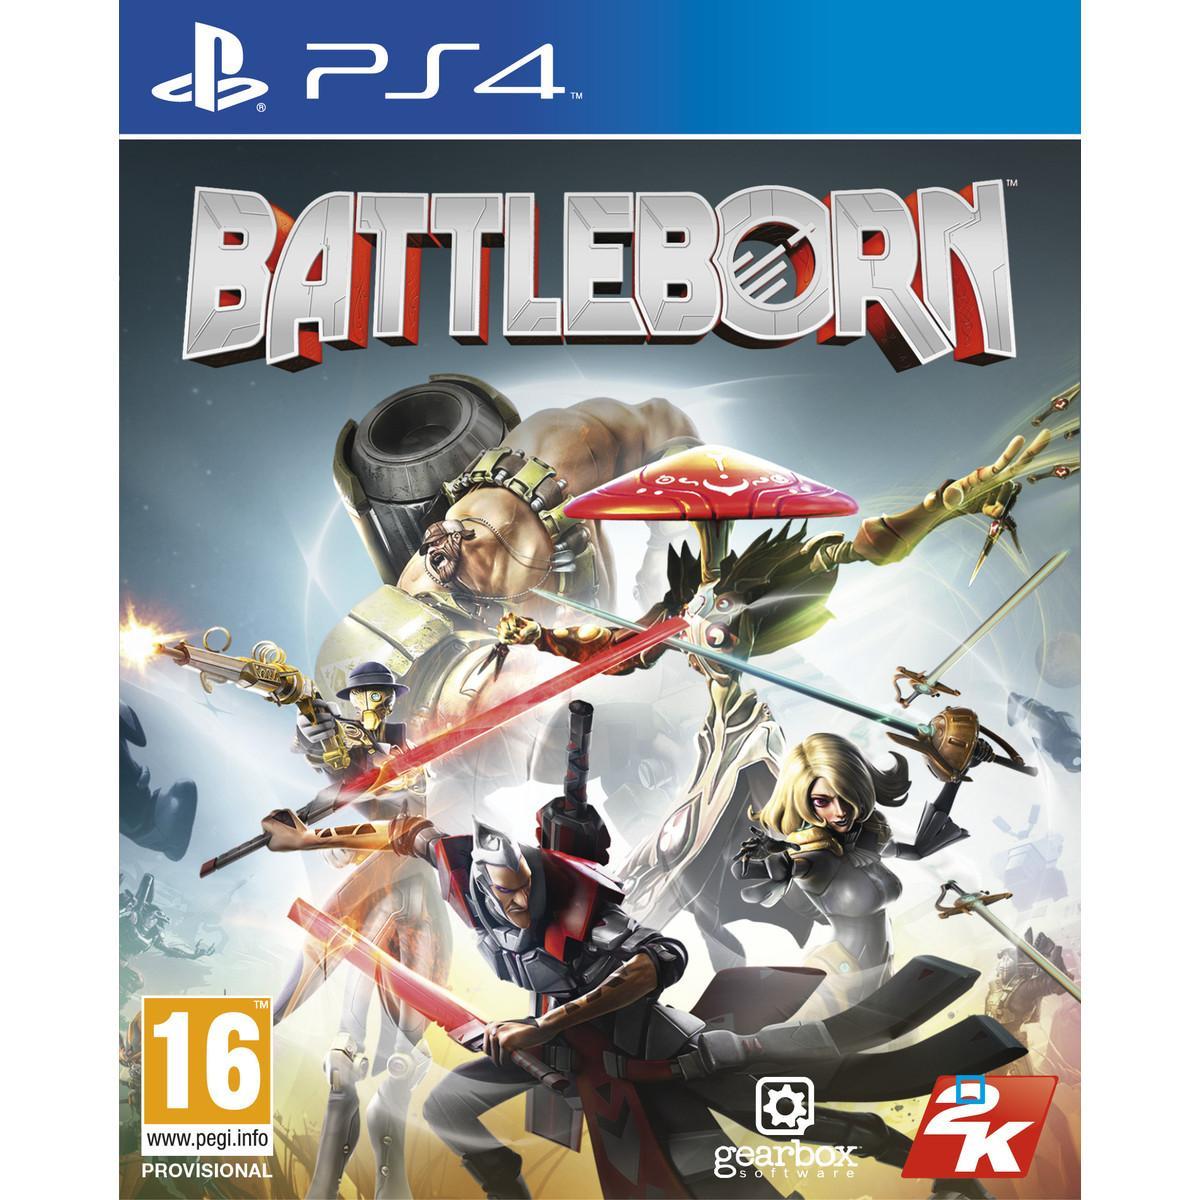 Battleborn sur PS4 ou Xbox One en ligne ou en magasin